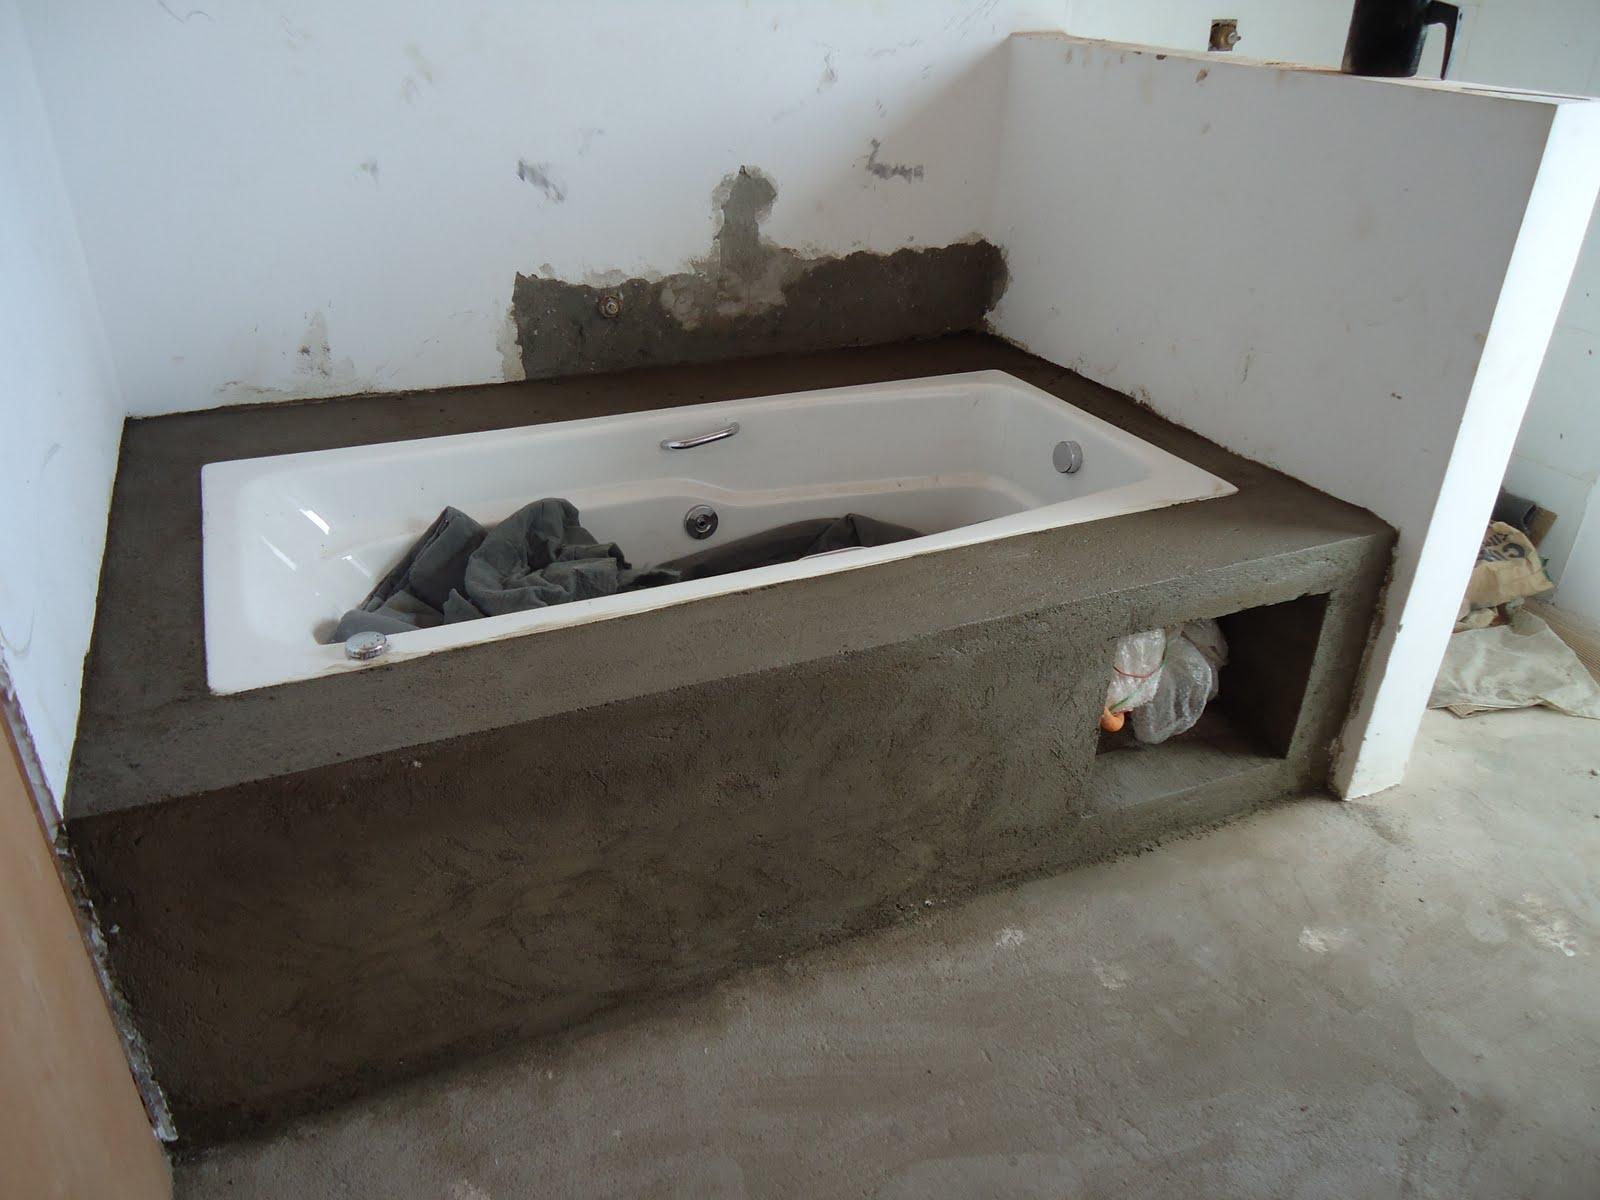 alvenaria da banheira #38322A 1600x1200 Banheiro Com Banheira De Alvenaria